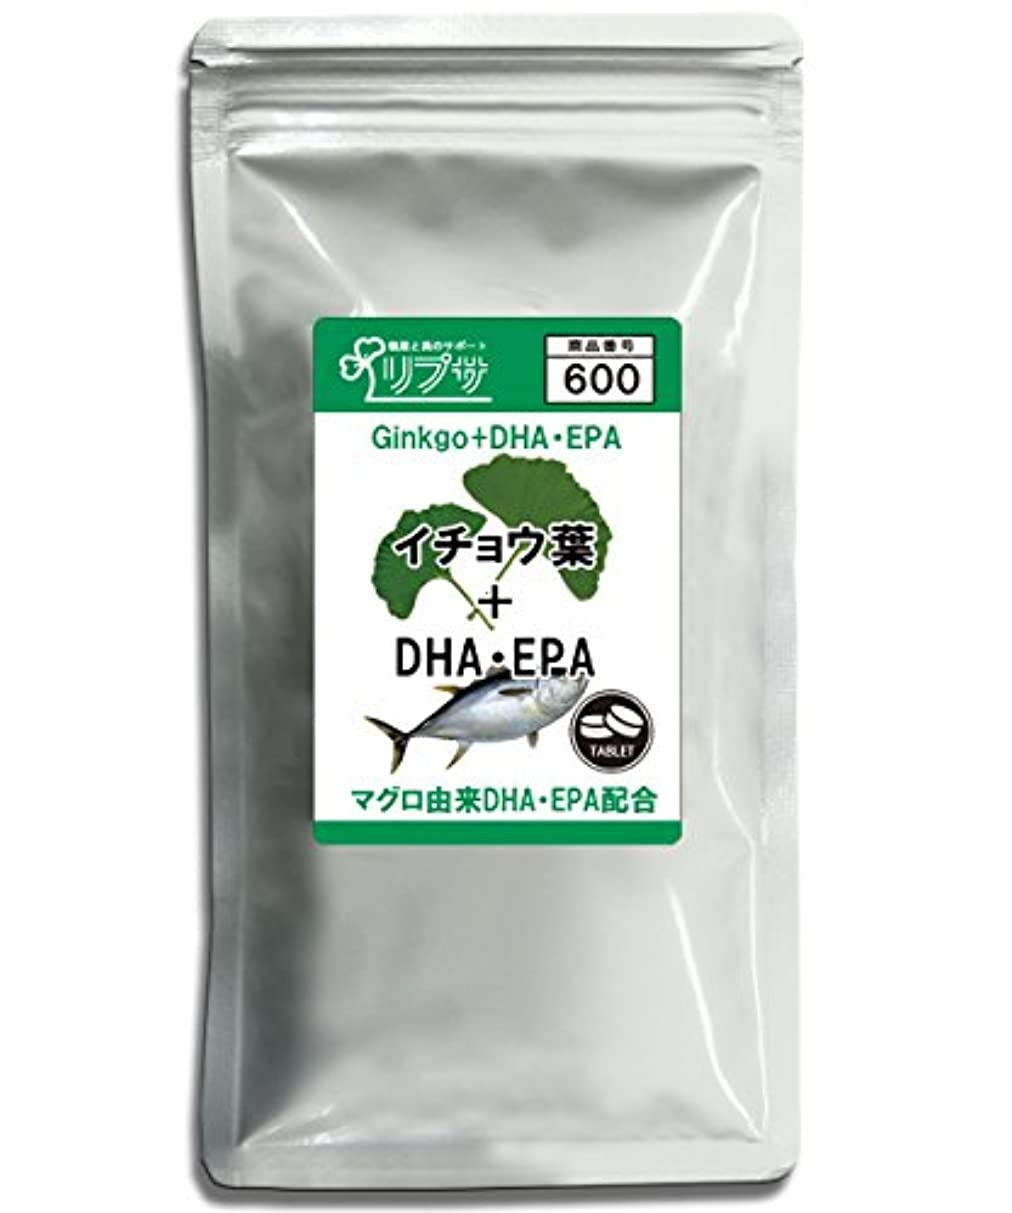 執着形容詞十億イチョウ葉+DHA?EPA粒 約1か月分 T-600